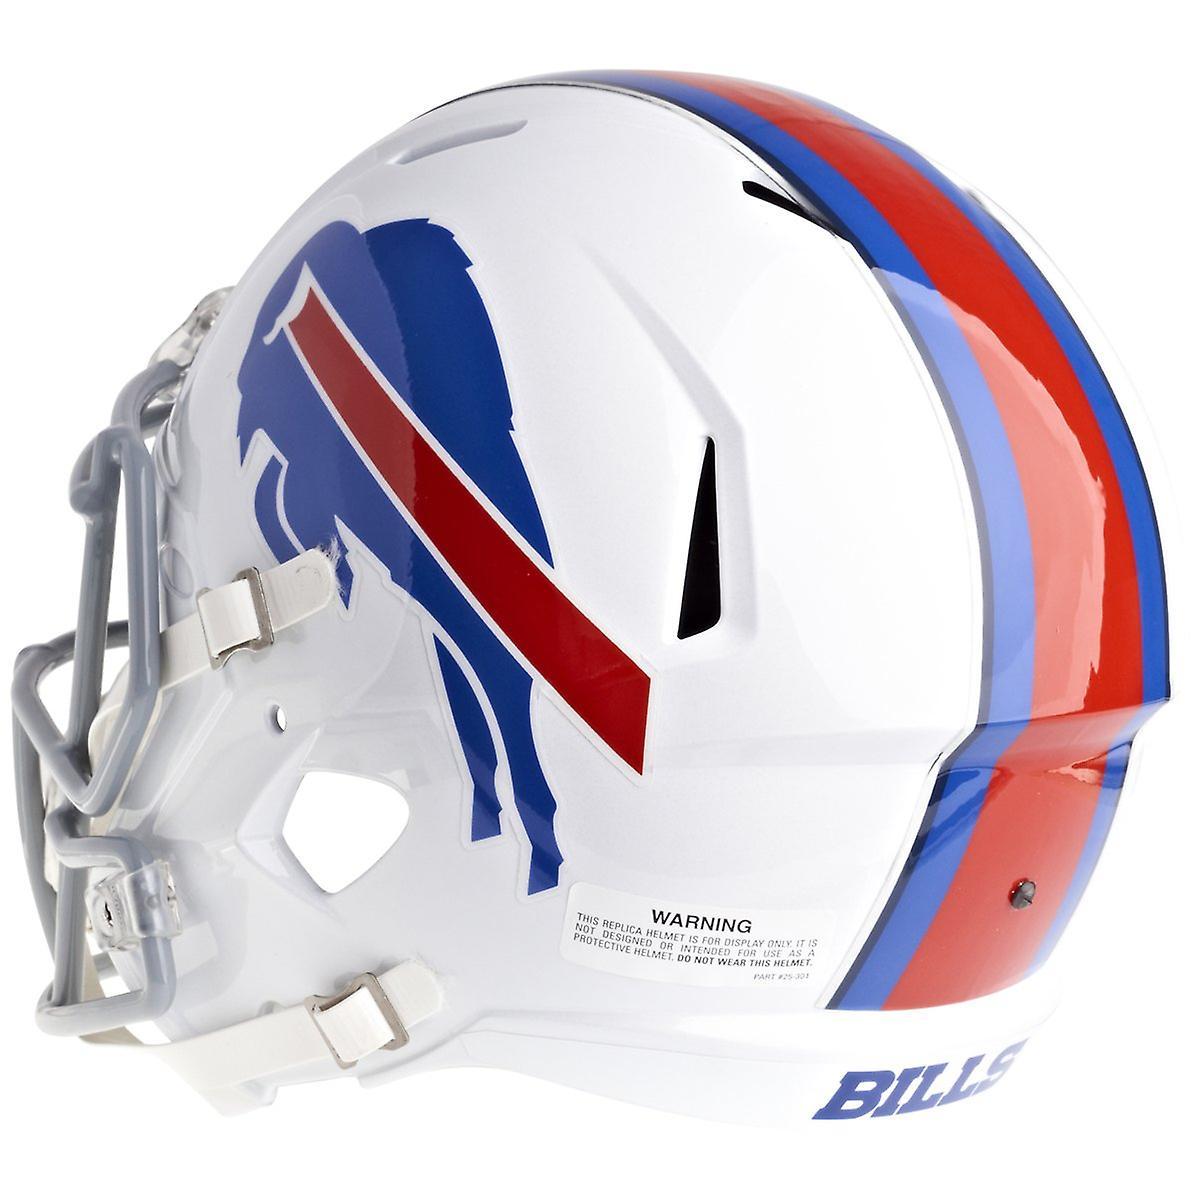 01ec85d9 Riddell speed replica football helmet - NFL Buffalo Bills